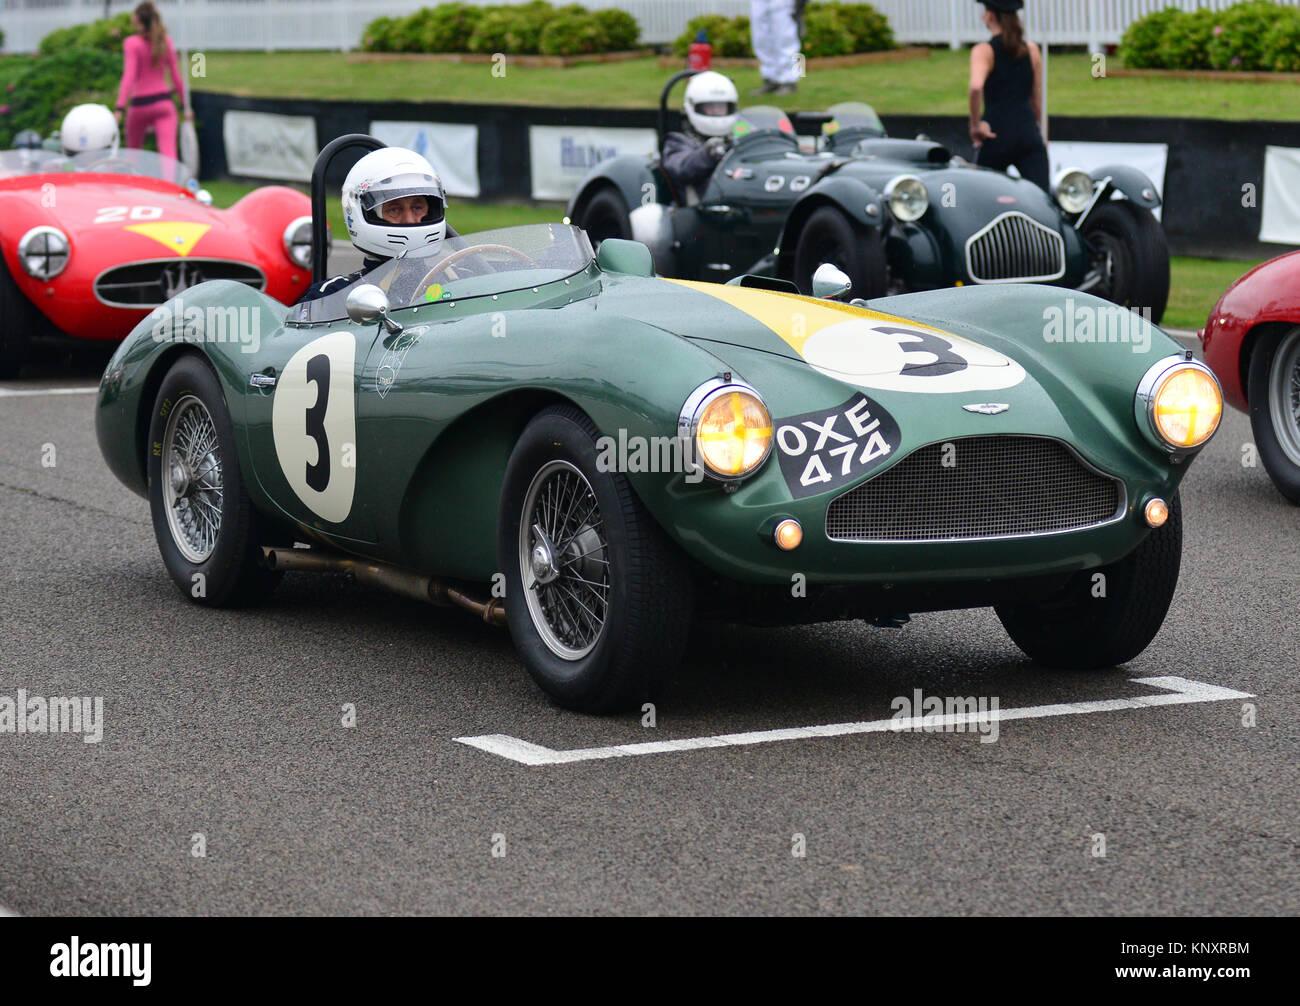 Steve Boultbee-Brooks, Bobby Verdon-Roe, Aston Martin DB 3 S, Freddie März Memorial Trophy, Goodwood Revival Stockbild